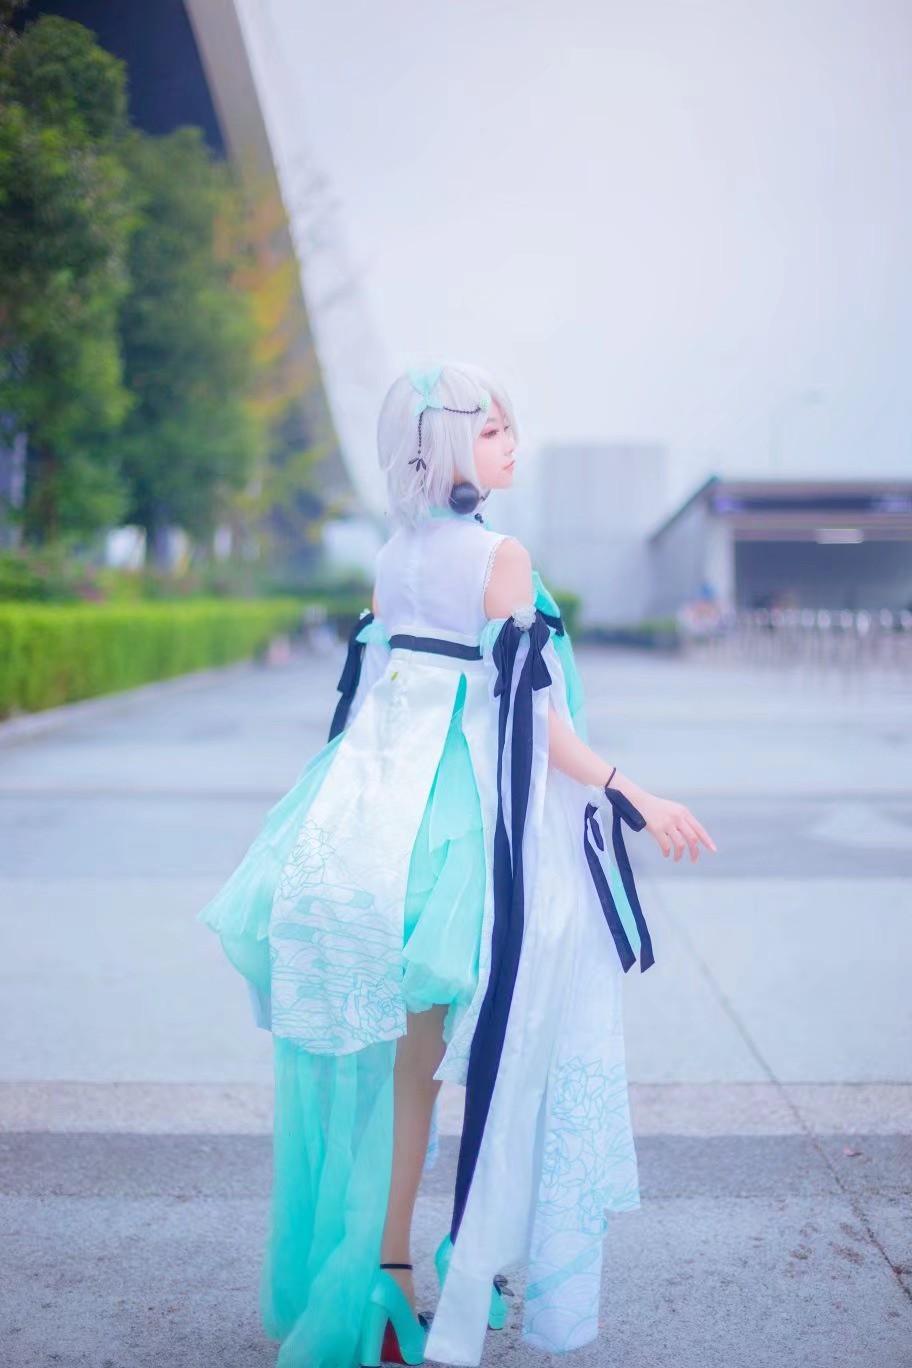 言和cosplay【CN:棘狐】-第4张